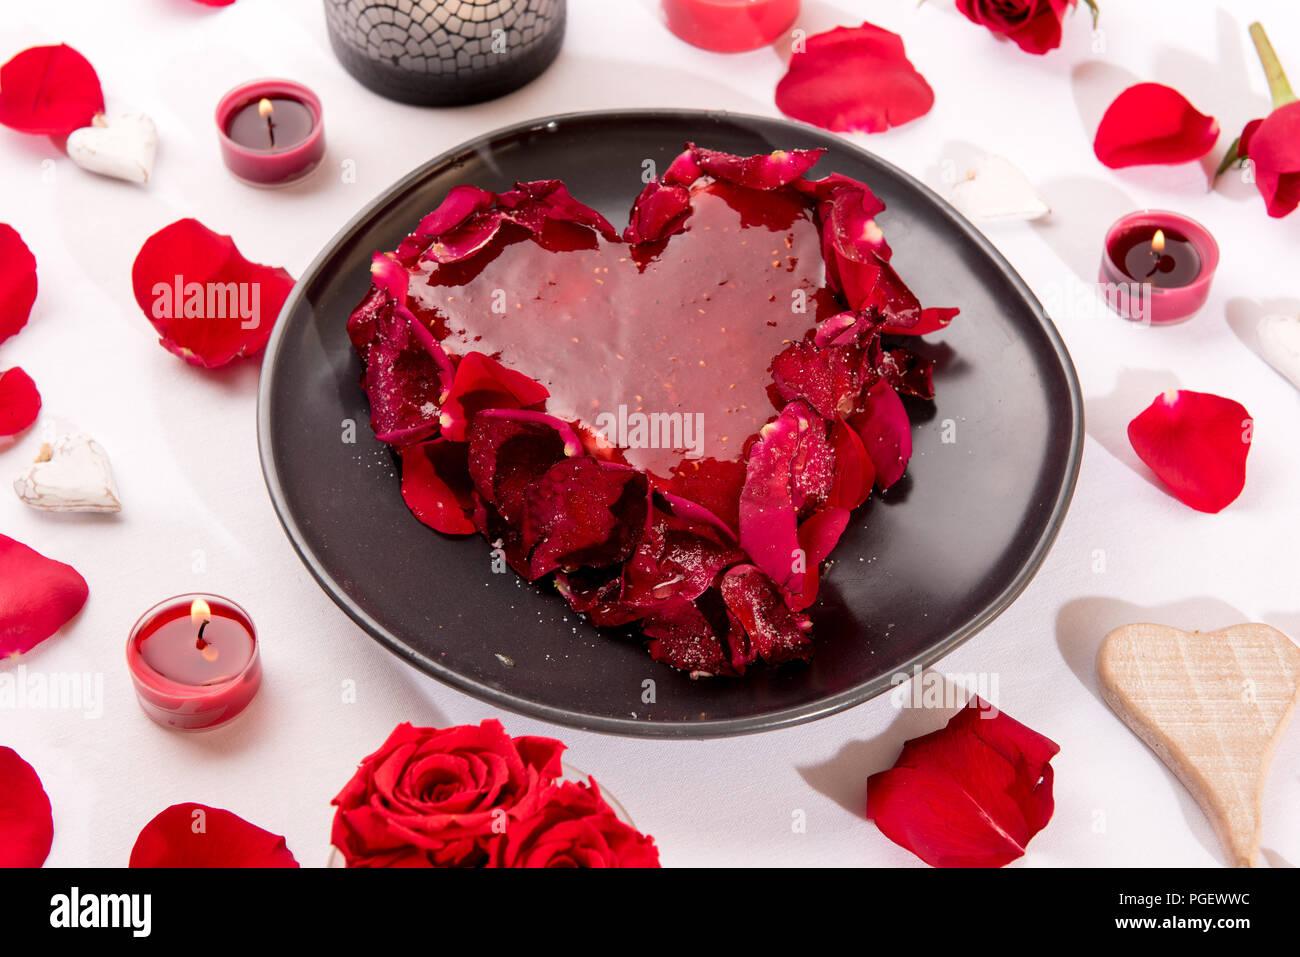 Coeur romantique rouge en forme de gâteau avec des pétales de rose servi sur une table blanche décorée avec des bougies, des pétales de rose, et les cœurs pour un anniversaire ou Valentin Photo Stock